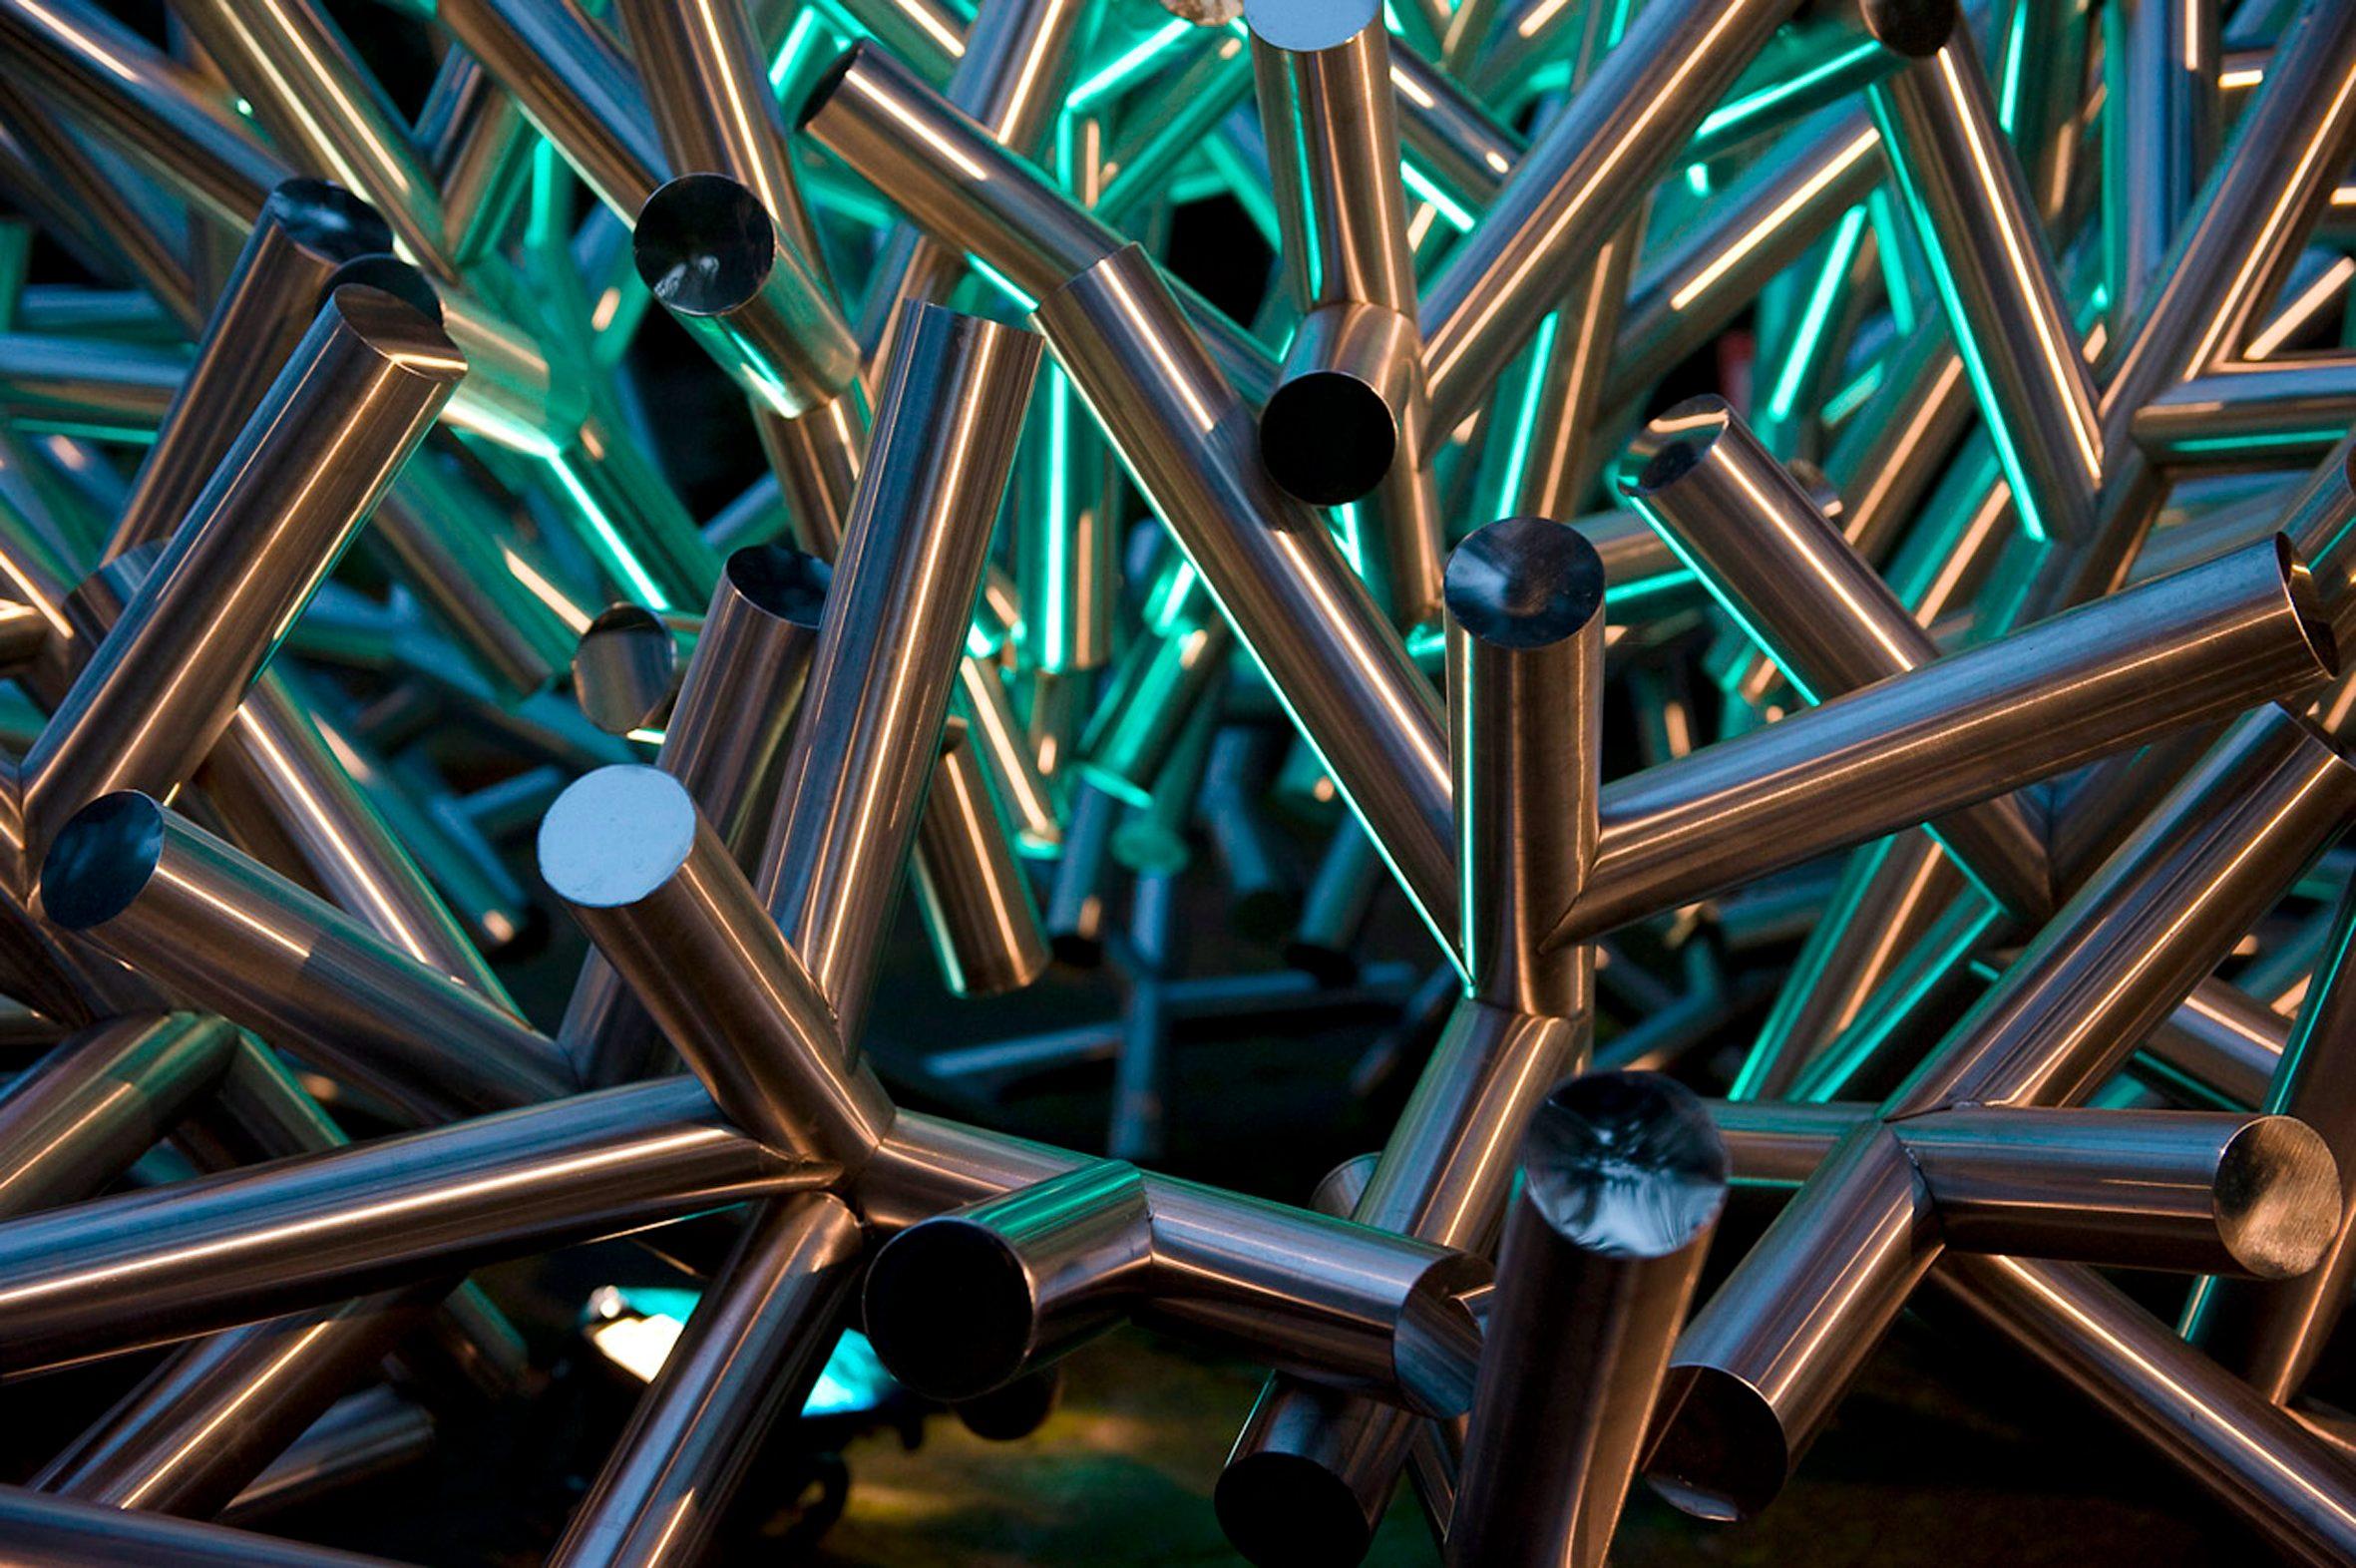 Andrea Forges Davazati, Madrepora, 2008, acciaio inossidabile, cm 360x170 (particolare) Foto F. Piras